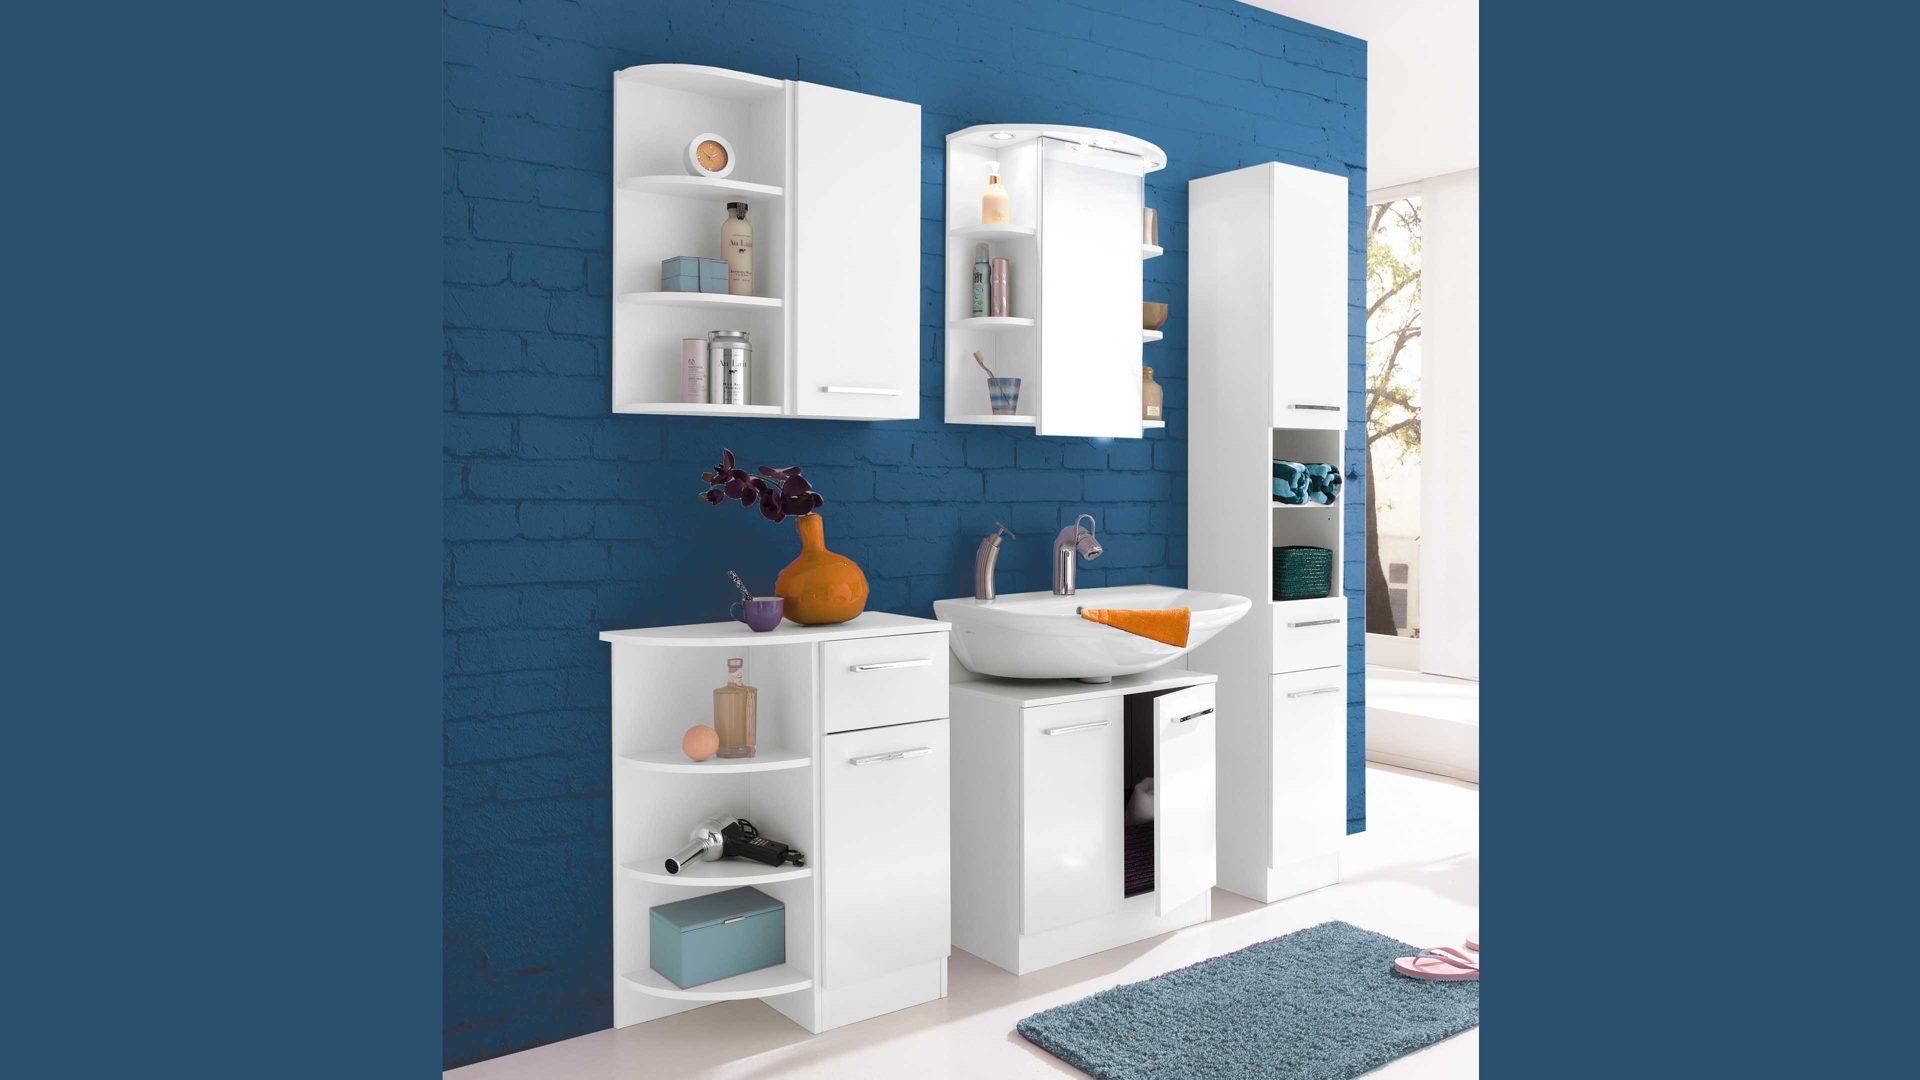 Tolle Möbel Boer Küchen Fotos - Innenarchitektur-Kollektion - seomx.info